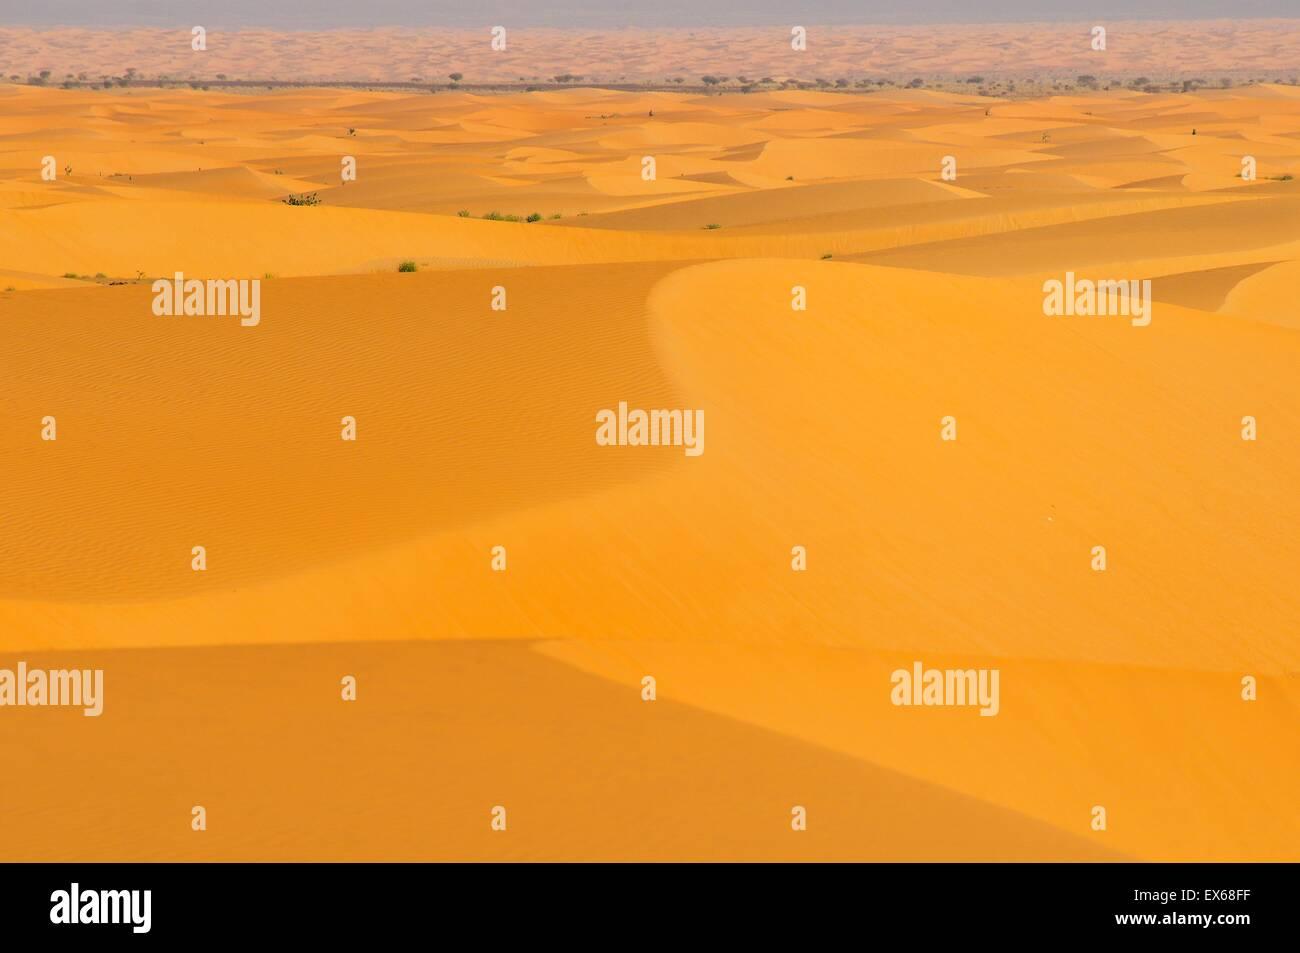 Wüstenlandschaft mit Sanddünen, Strecke von Atar nach dort, Region Adrar, Mauretanien Stockbild